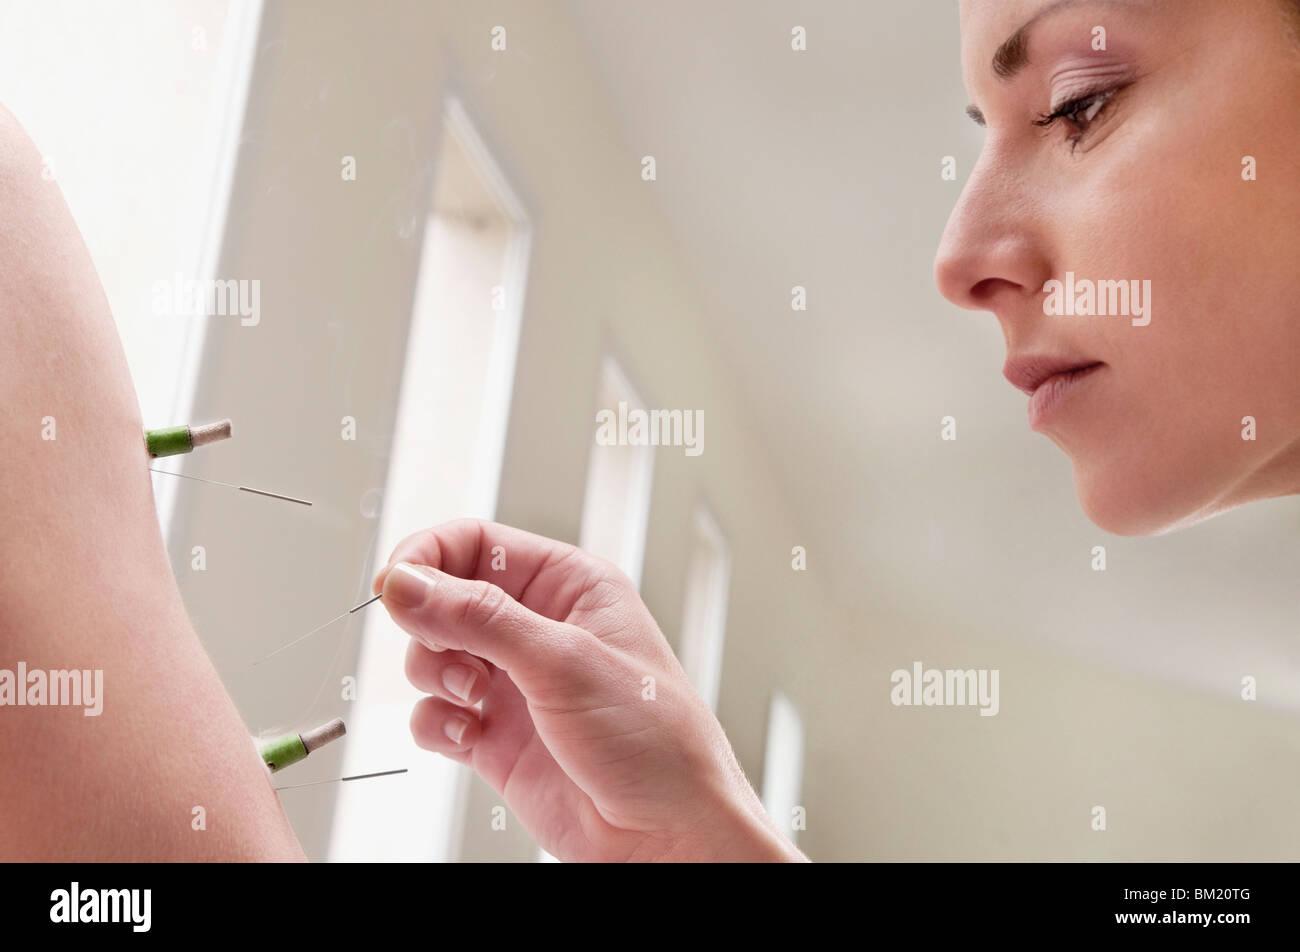 Acupuntor aplicando agujas y cigarros de hierbas en una persona del brazo Foto de stock